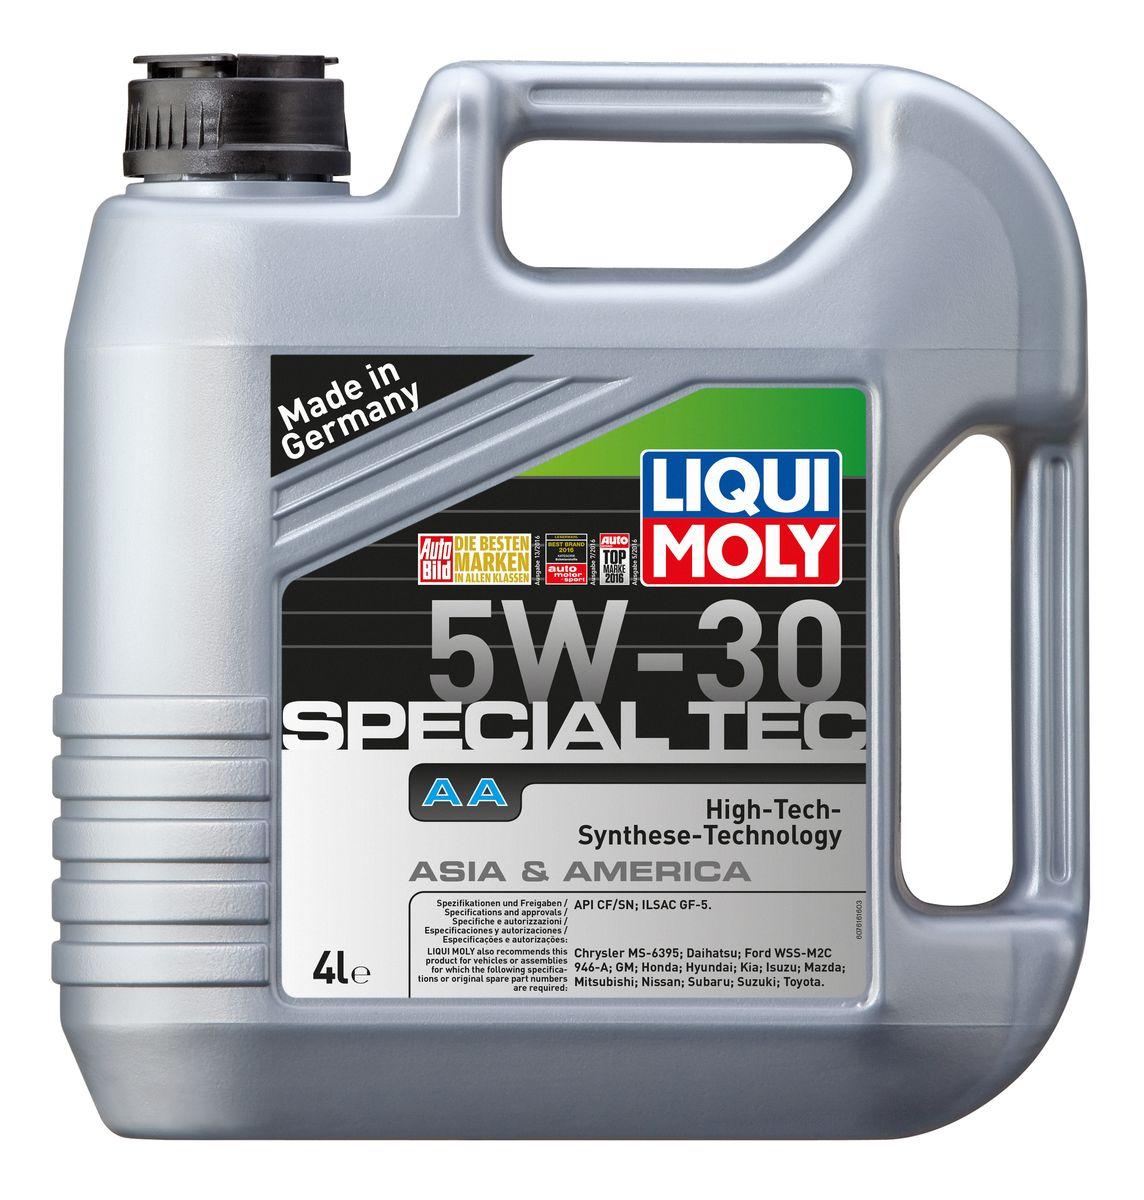 Масло моторное Liqui Moly Special Tec AA, НС-синтетическое, 5W-30, 4 л7516Масло моторное Liqui Moly Special Tec AA рекомендуется для автомобилей Honda, Mazda, Mitsubishi, Nissan, Daihatsu, Hyundai, Kia, Isuzu, Suzuki, Toyota, Subaru, Ford, Chrysler, GM. Современное HC-синтетическое энергосберегающее моторное масло специально разработано для всесезонного использования в большинстве двигателей современных американских и азиатских бензиновых автомобилей. Базовые масла, полученные по технологии синтеза, и новейшие присадки составляют рецептуру моторного масла с отменной защитой от износа, снижающего расход топлива и масла, обеспечивающего чистоту двигателя и максимально быстрое поступление к трущимся деталям. Особенности: - Быстрое поступление масла ко всем деталям двигателя при низких температурах - Высочайшие показатели топливной экономии - Сокращает эмиссию выхлопных газов - Отличная чистота двигателя - Совместимо с новейшими системами нейтрализации отработавших газов бензиновых двигателей - Высокая...